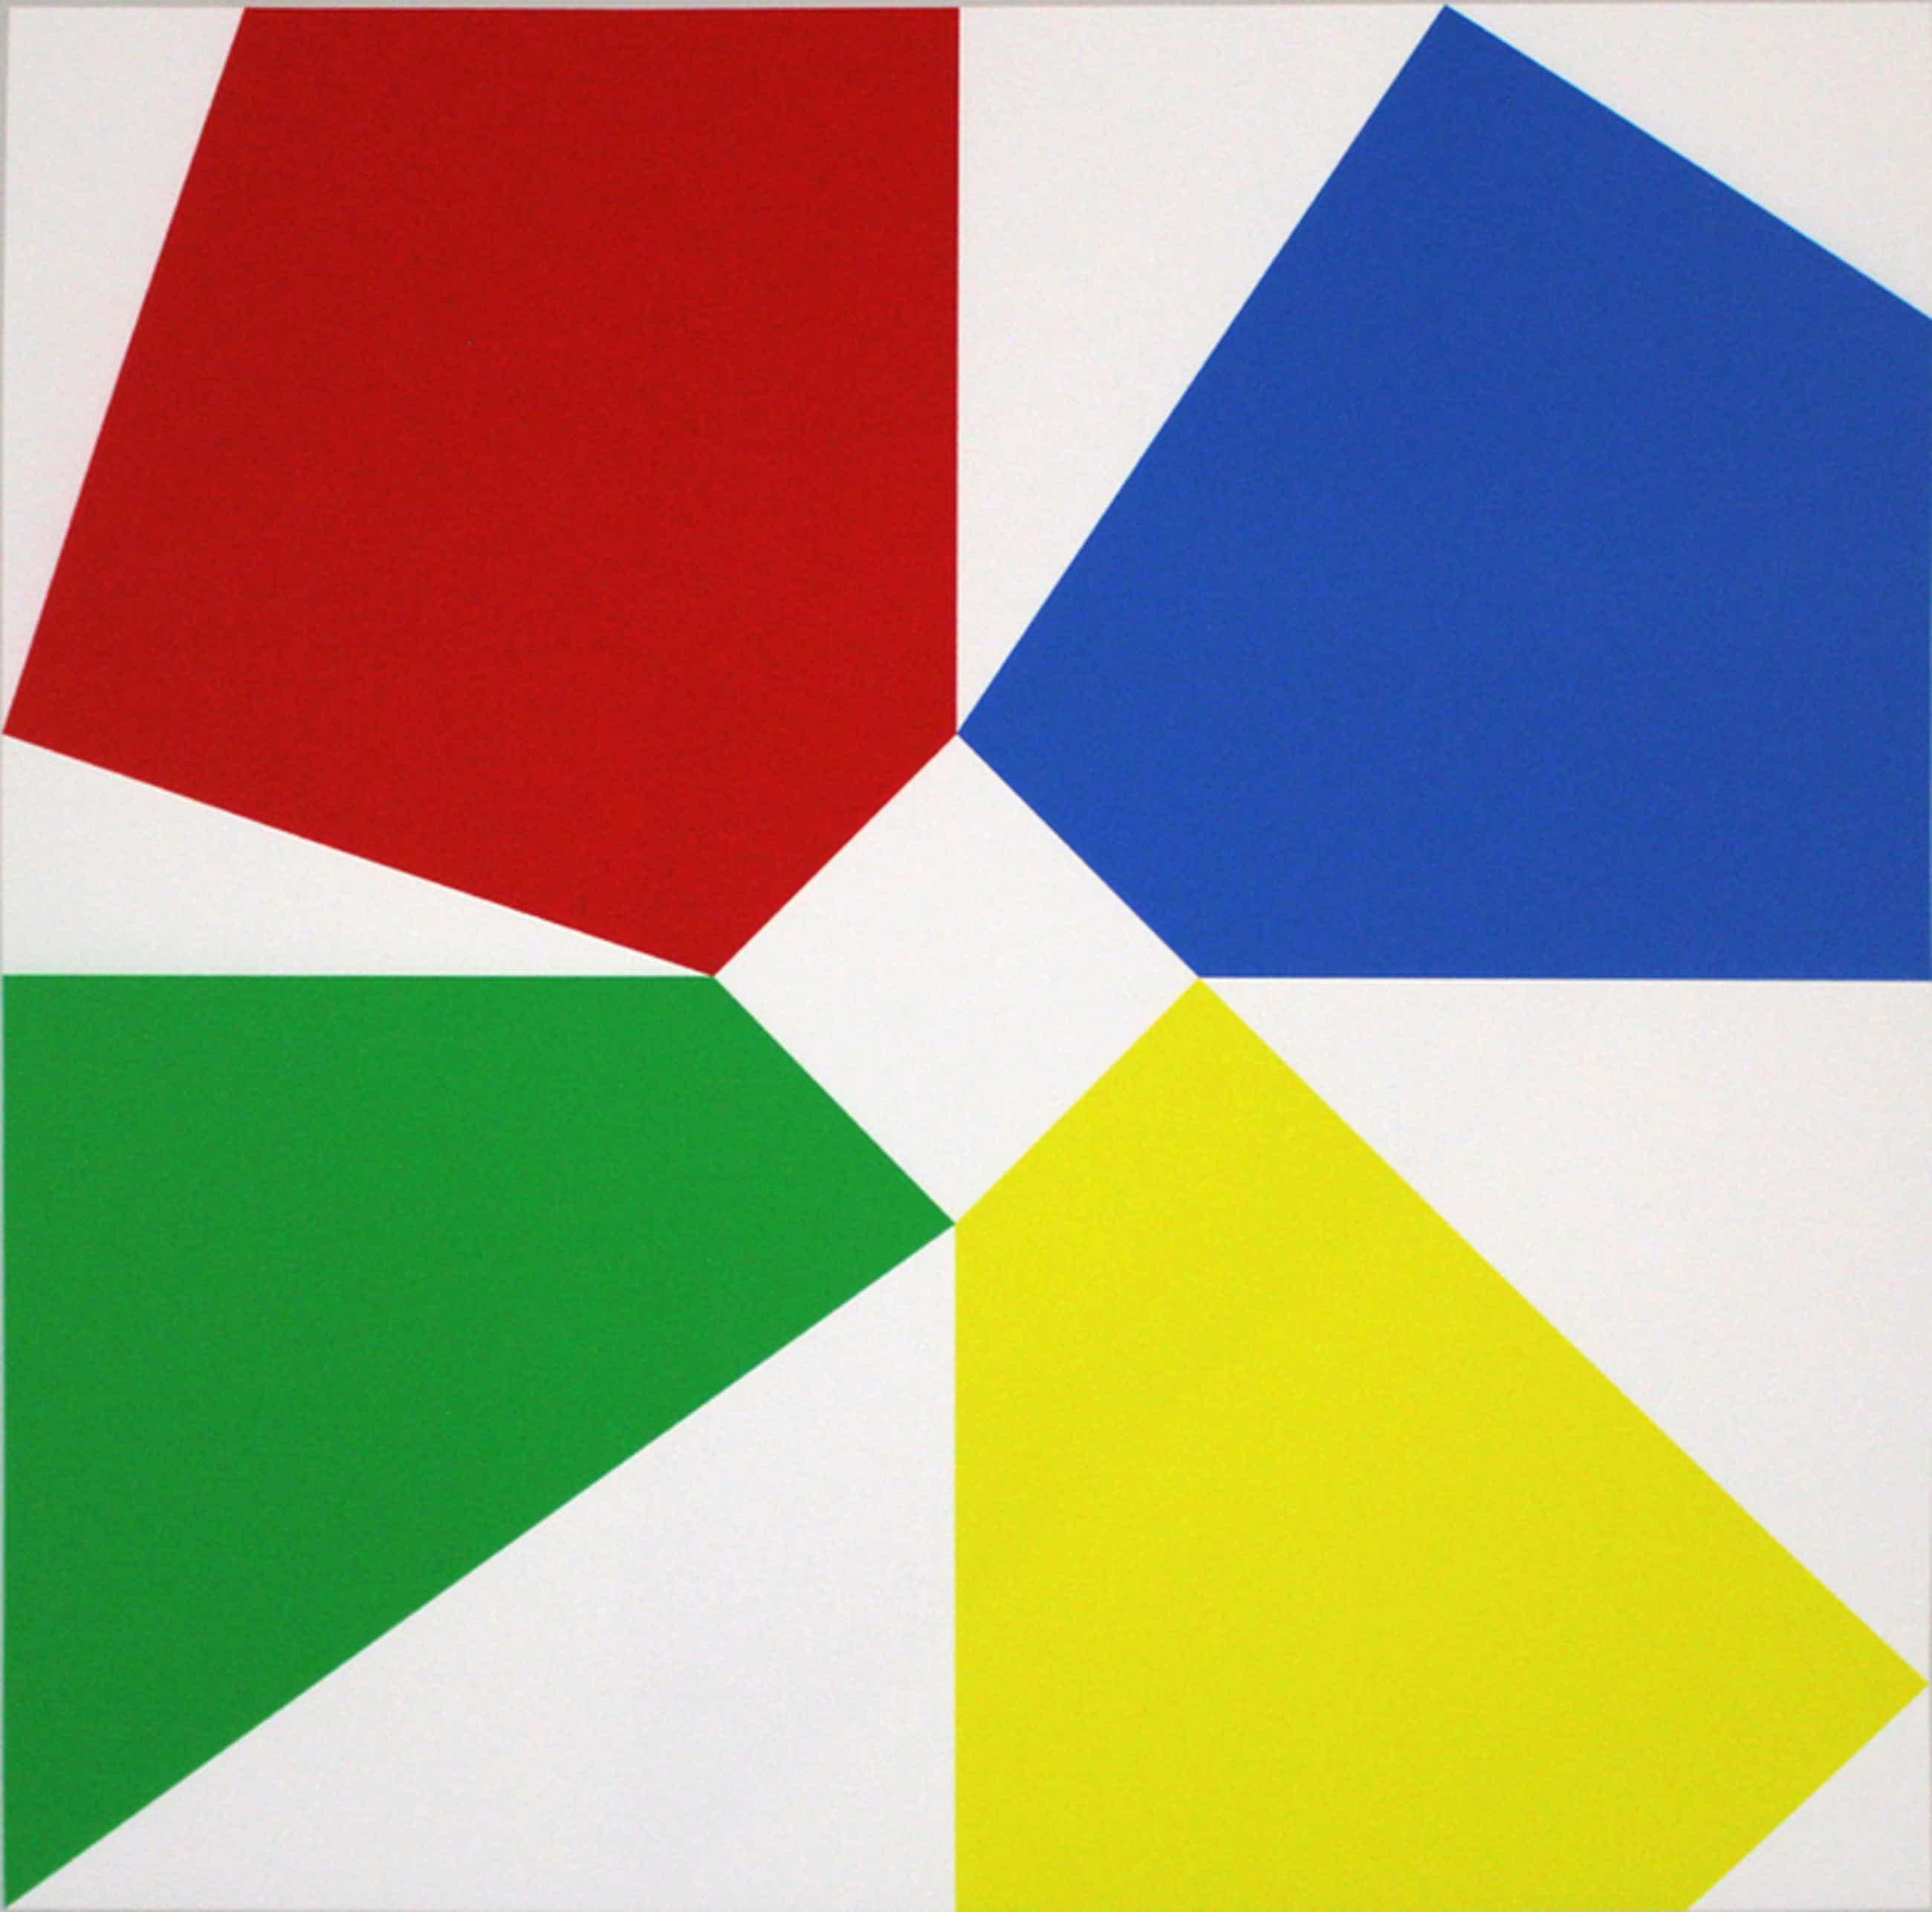 Bob Bonies. Giclee -Geometrische compositie- 2016. Nieuw werk. kopen? Bied vanaf 135!